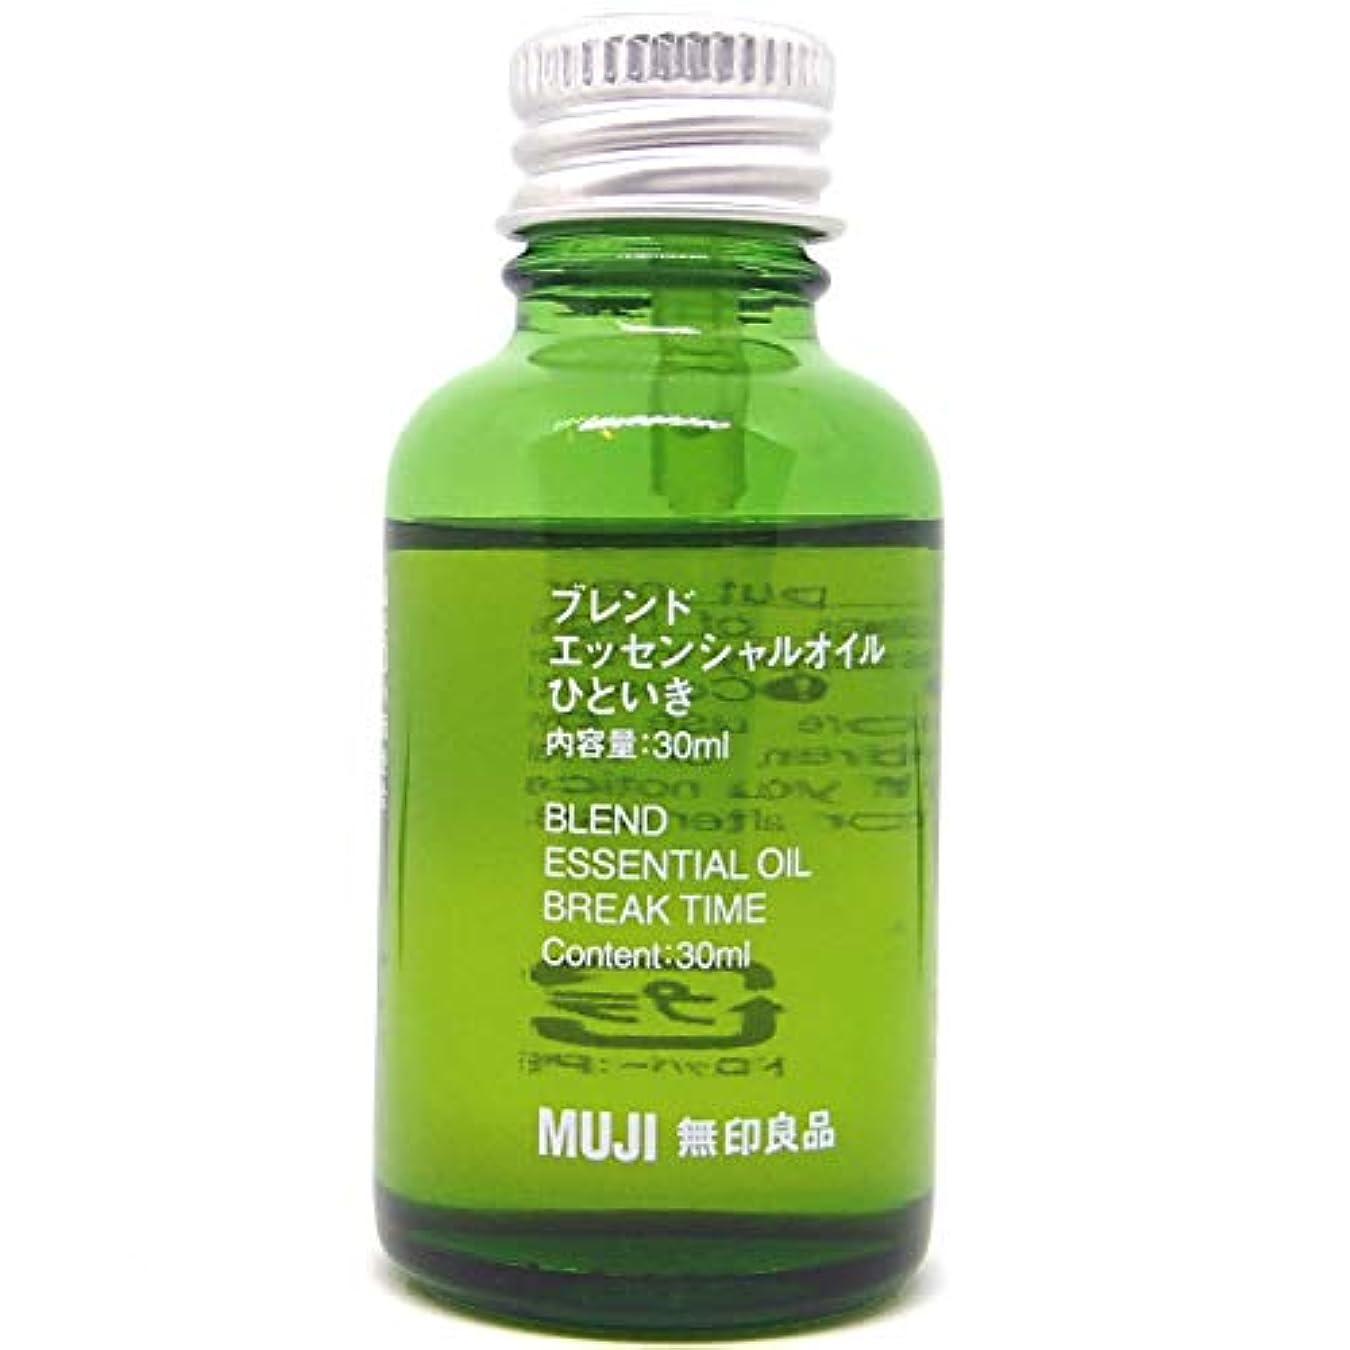 塩辛い密爬虫類【無印良品】エッセンシャルオイル30ml(ひといき)